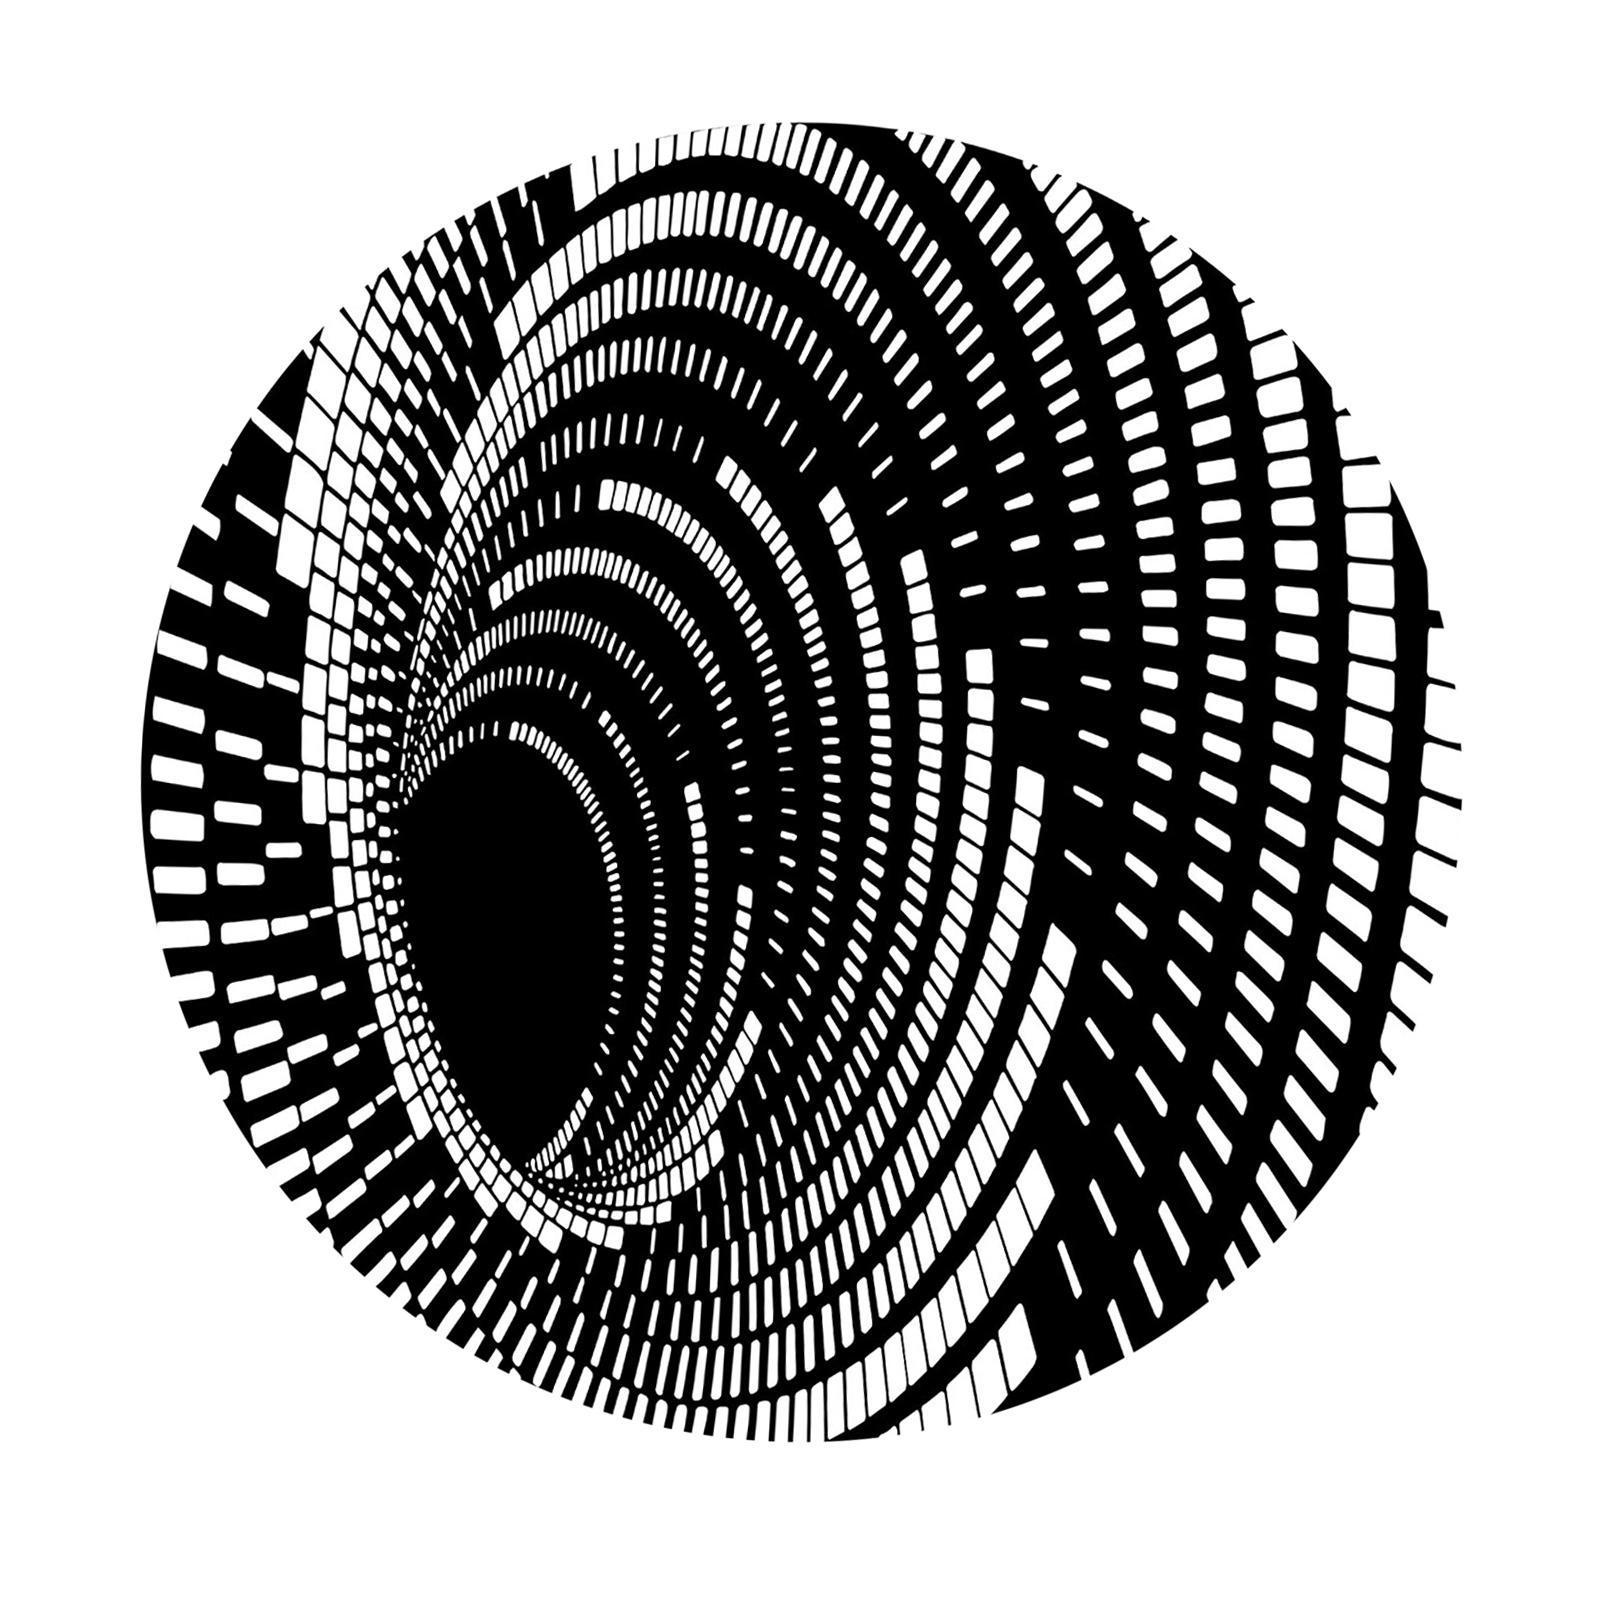 miniatura 12 - Tappetino-per-tappetino-antiscivolo-con-motivo-a-vortice-rotondo-3D